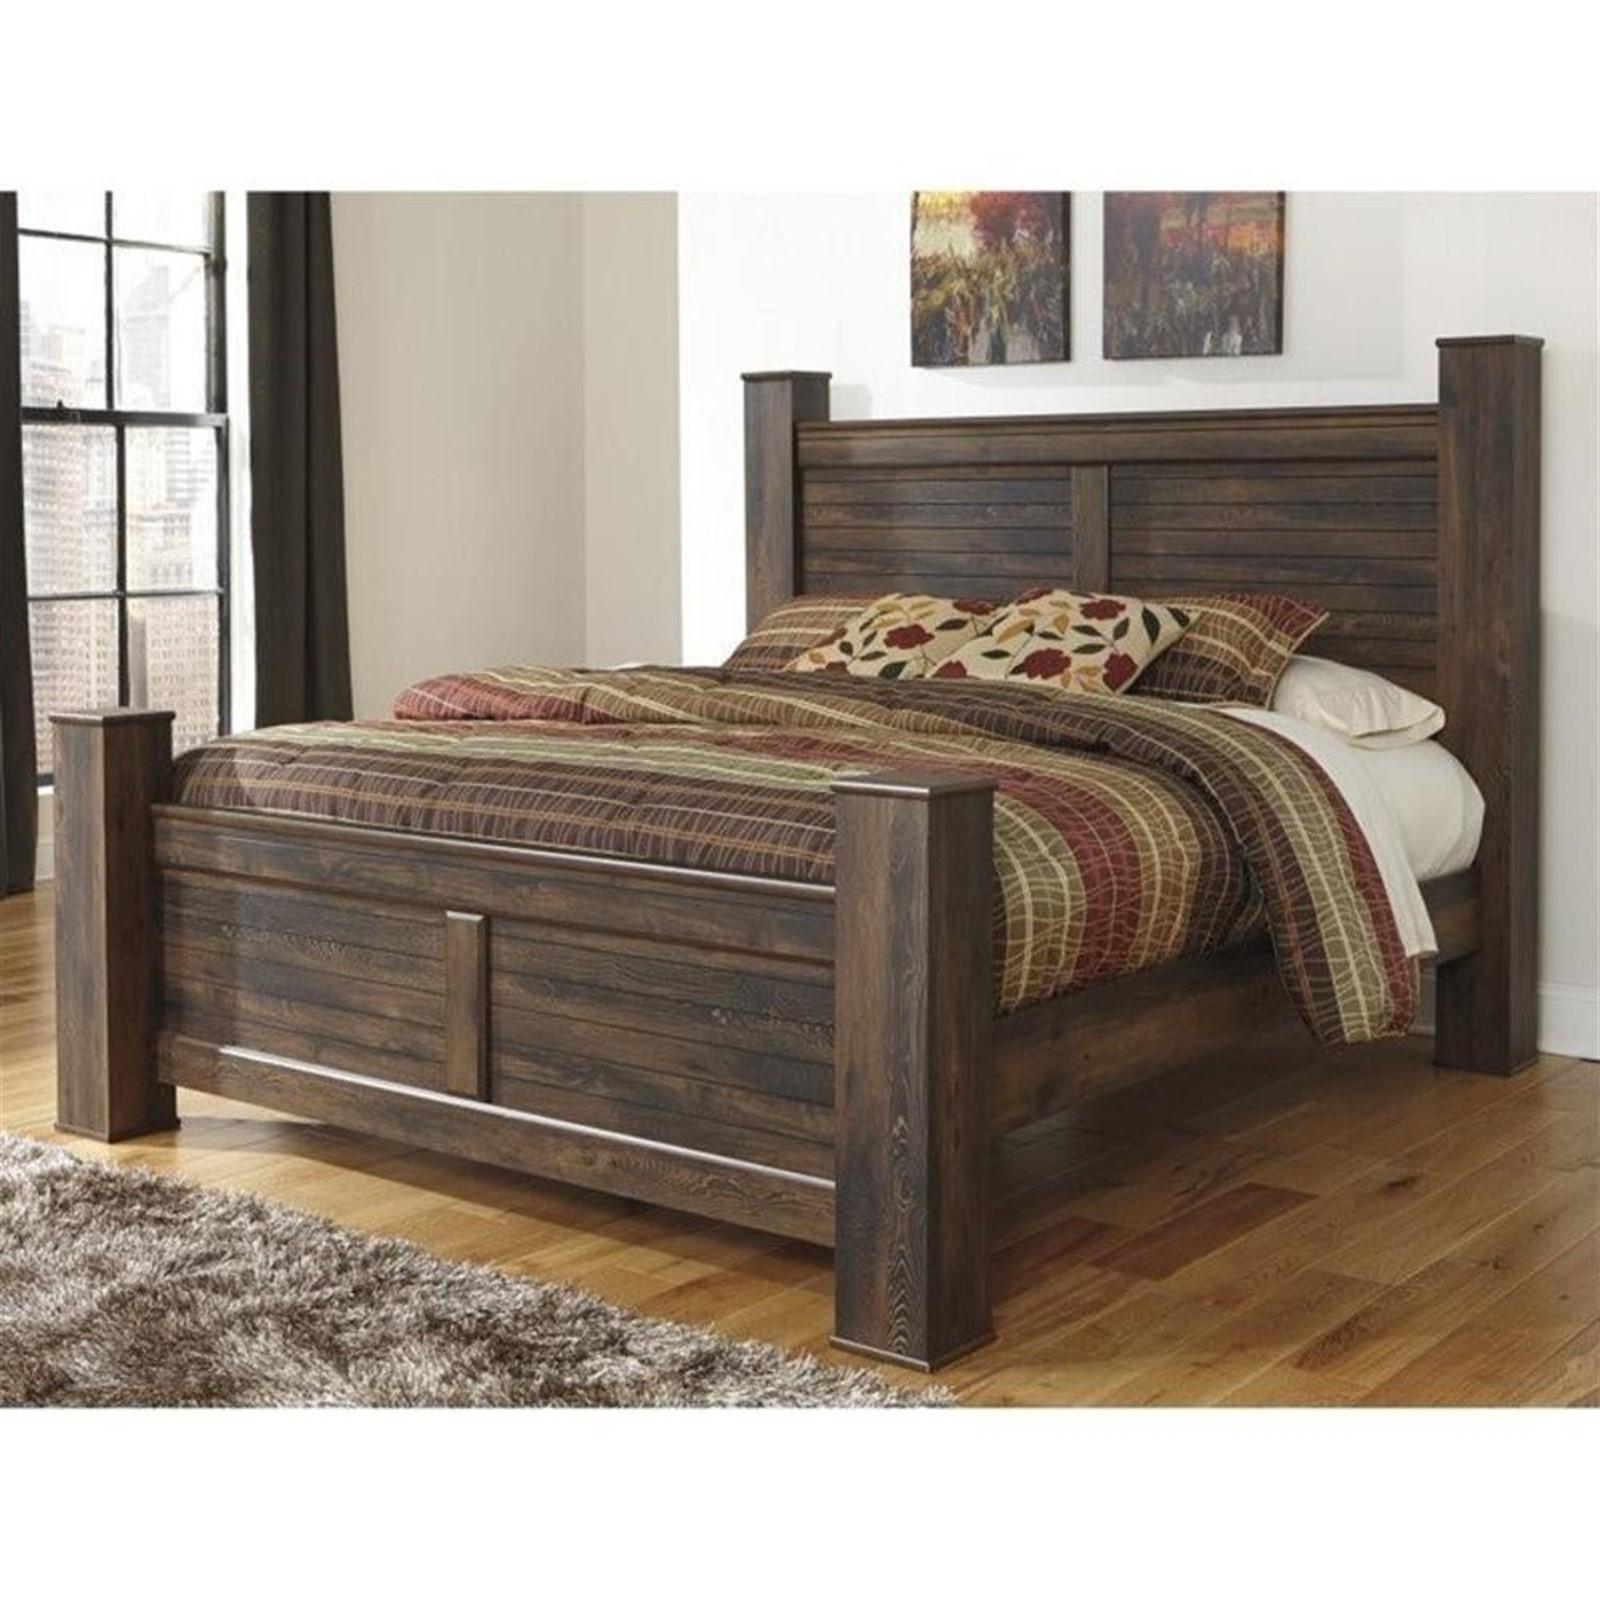 Quinden Dark Brown King Bed with Posts